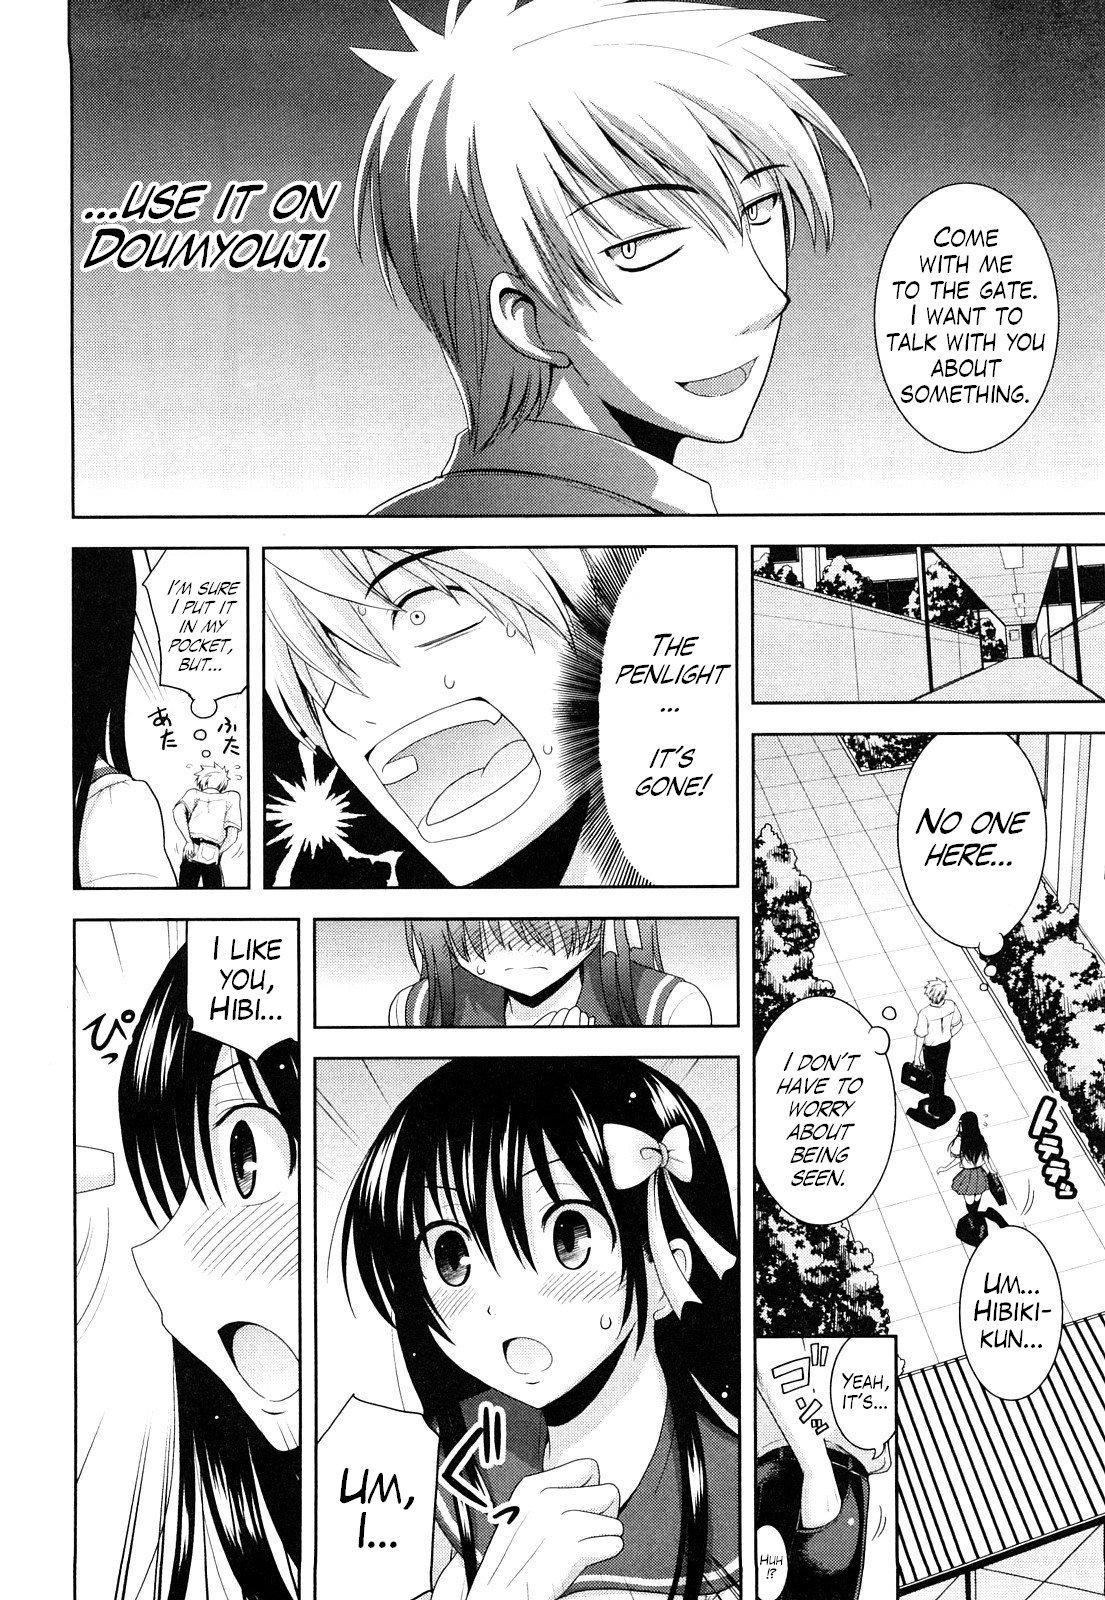 Ecchi de Ecchi na Saiminjutsu Chapter 1, 2 & Epilogue 3